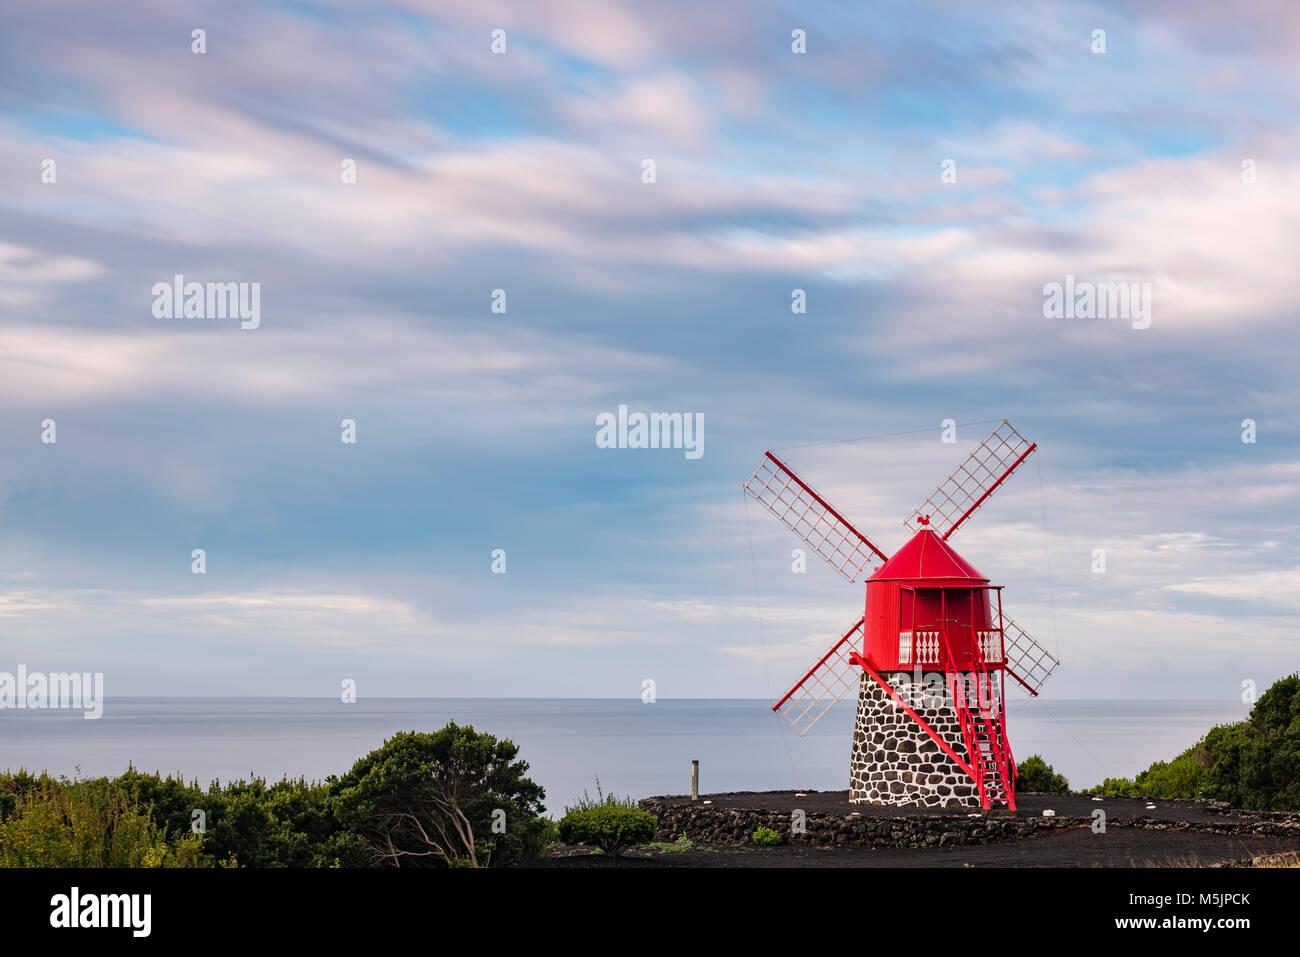 Moulin Rouge en face d'un ciel nuageux,île de Pico, Açores, Portugal Banque D'Images